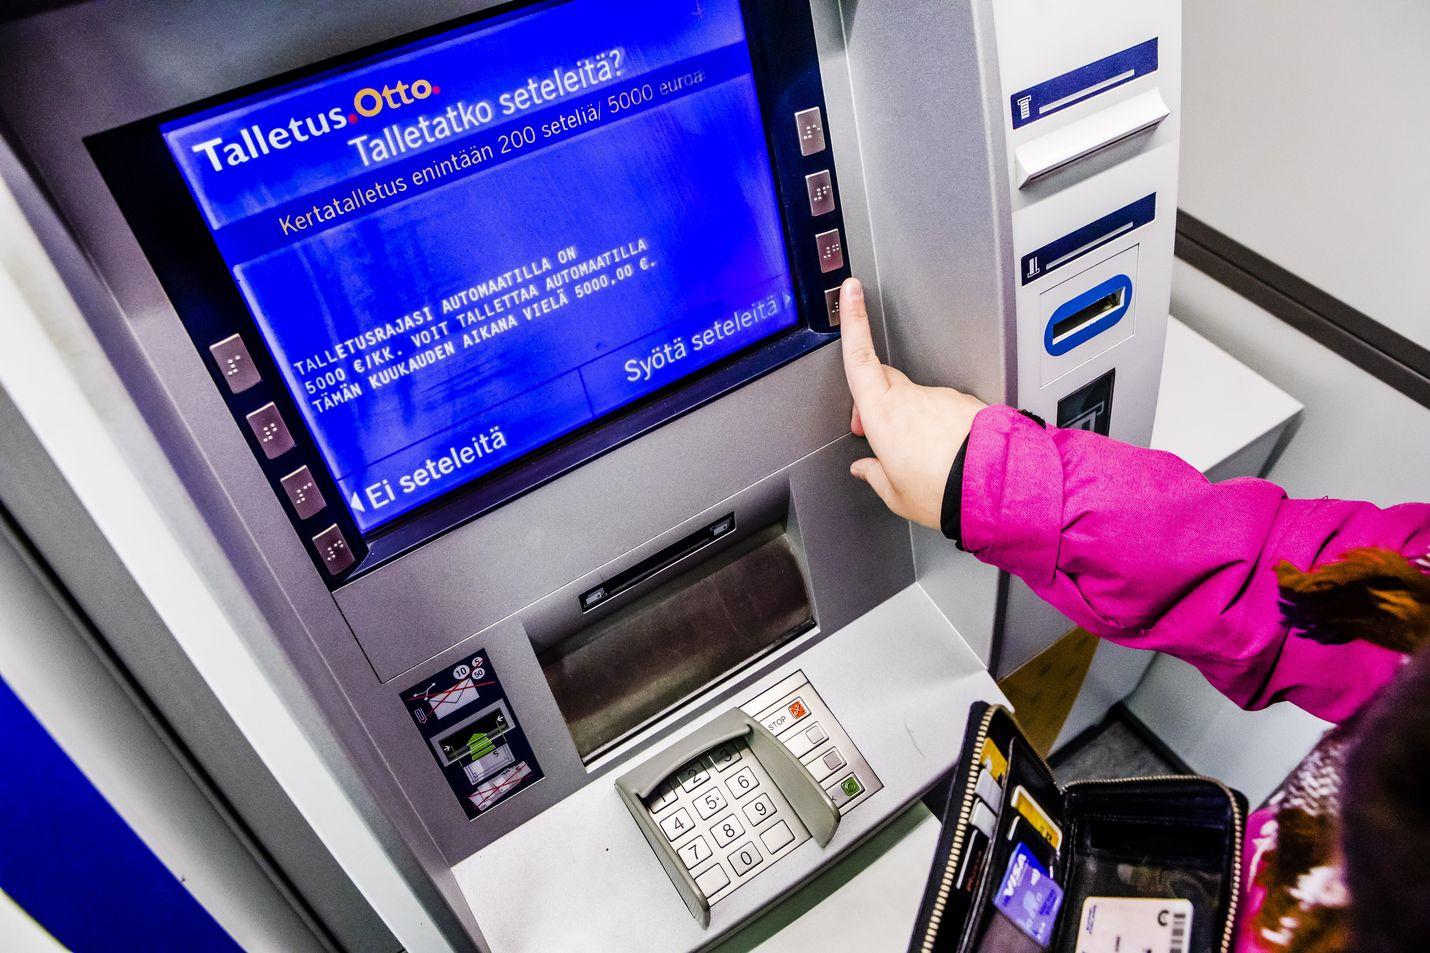 Suomalaiset säästävät edelleen ahkerasti tavalliselle pankkitilille, jonka korko ja riski ovat lähes olemattomat. Tulevaisuudessa maksuttomien talletusten aika voi olla ohitse.